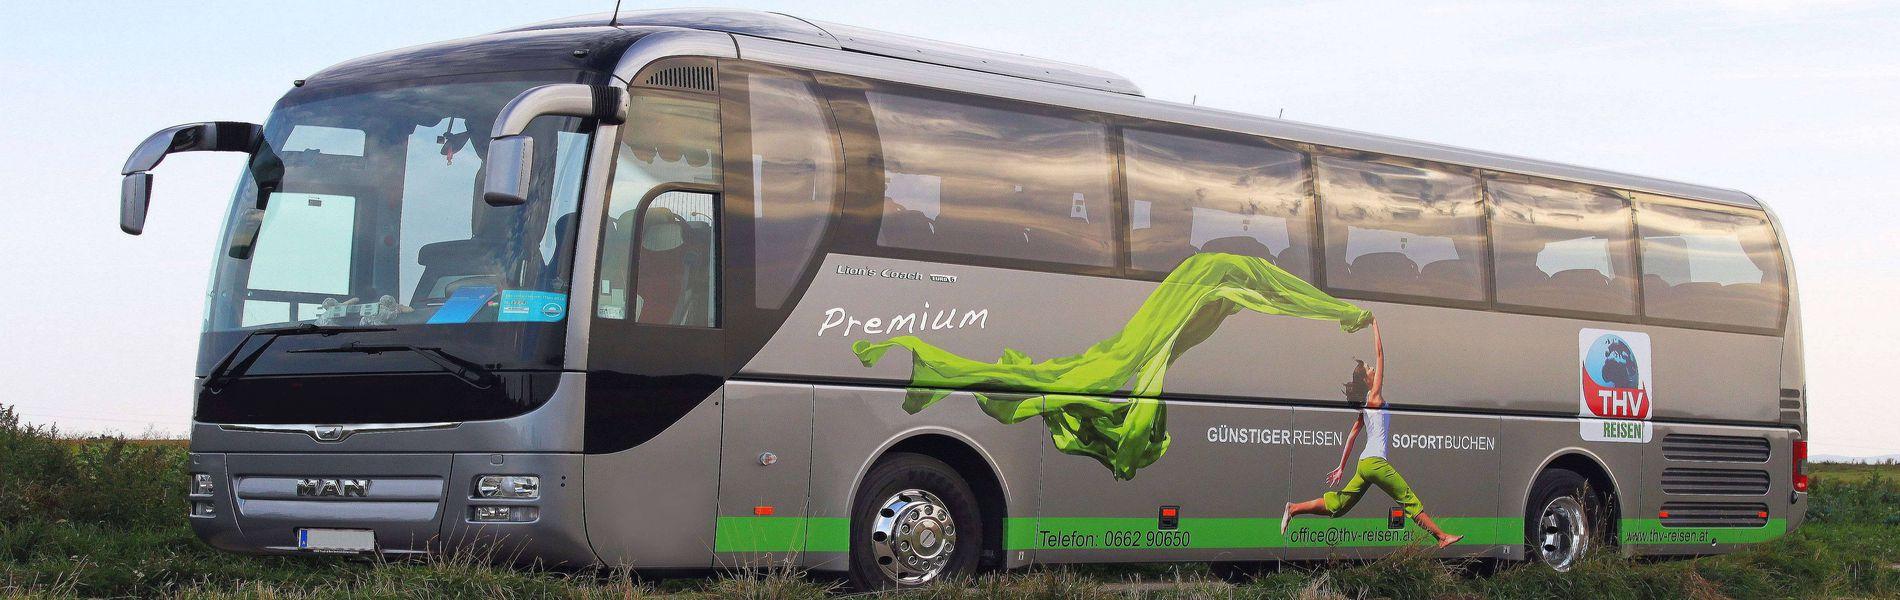 Weihnachten Busreisen 2019.Thv Reisen At